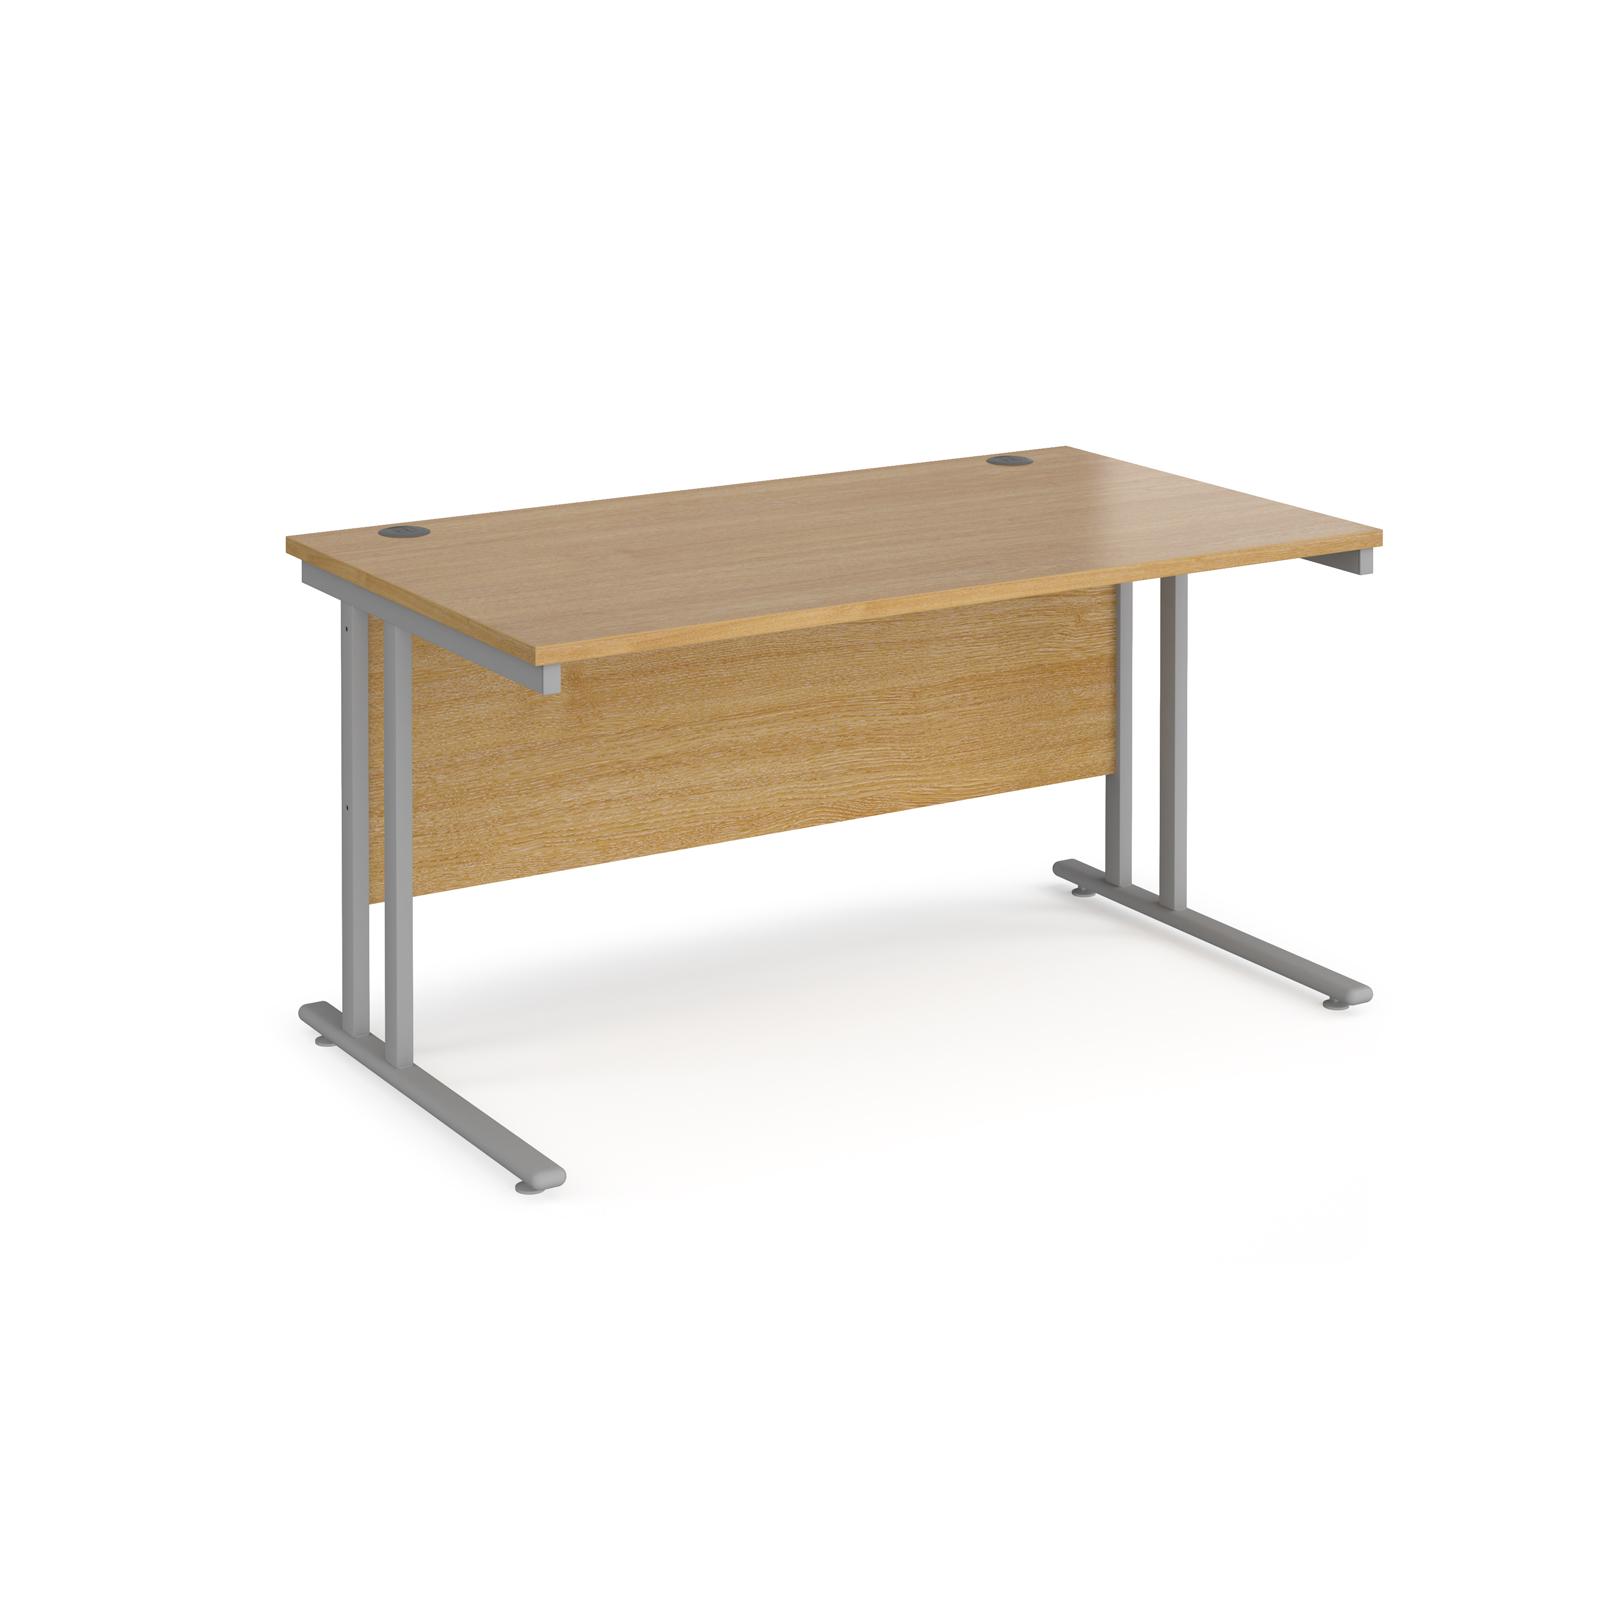 Rectangular Desks Maestro 25 straight desk 1400mm x 800mm - silver cantilever leg frame, oak top